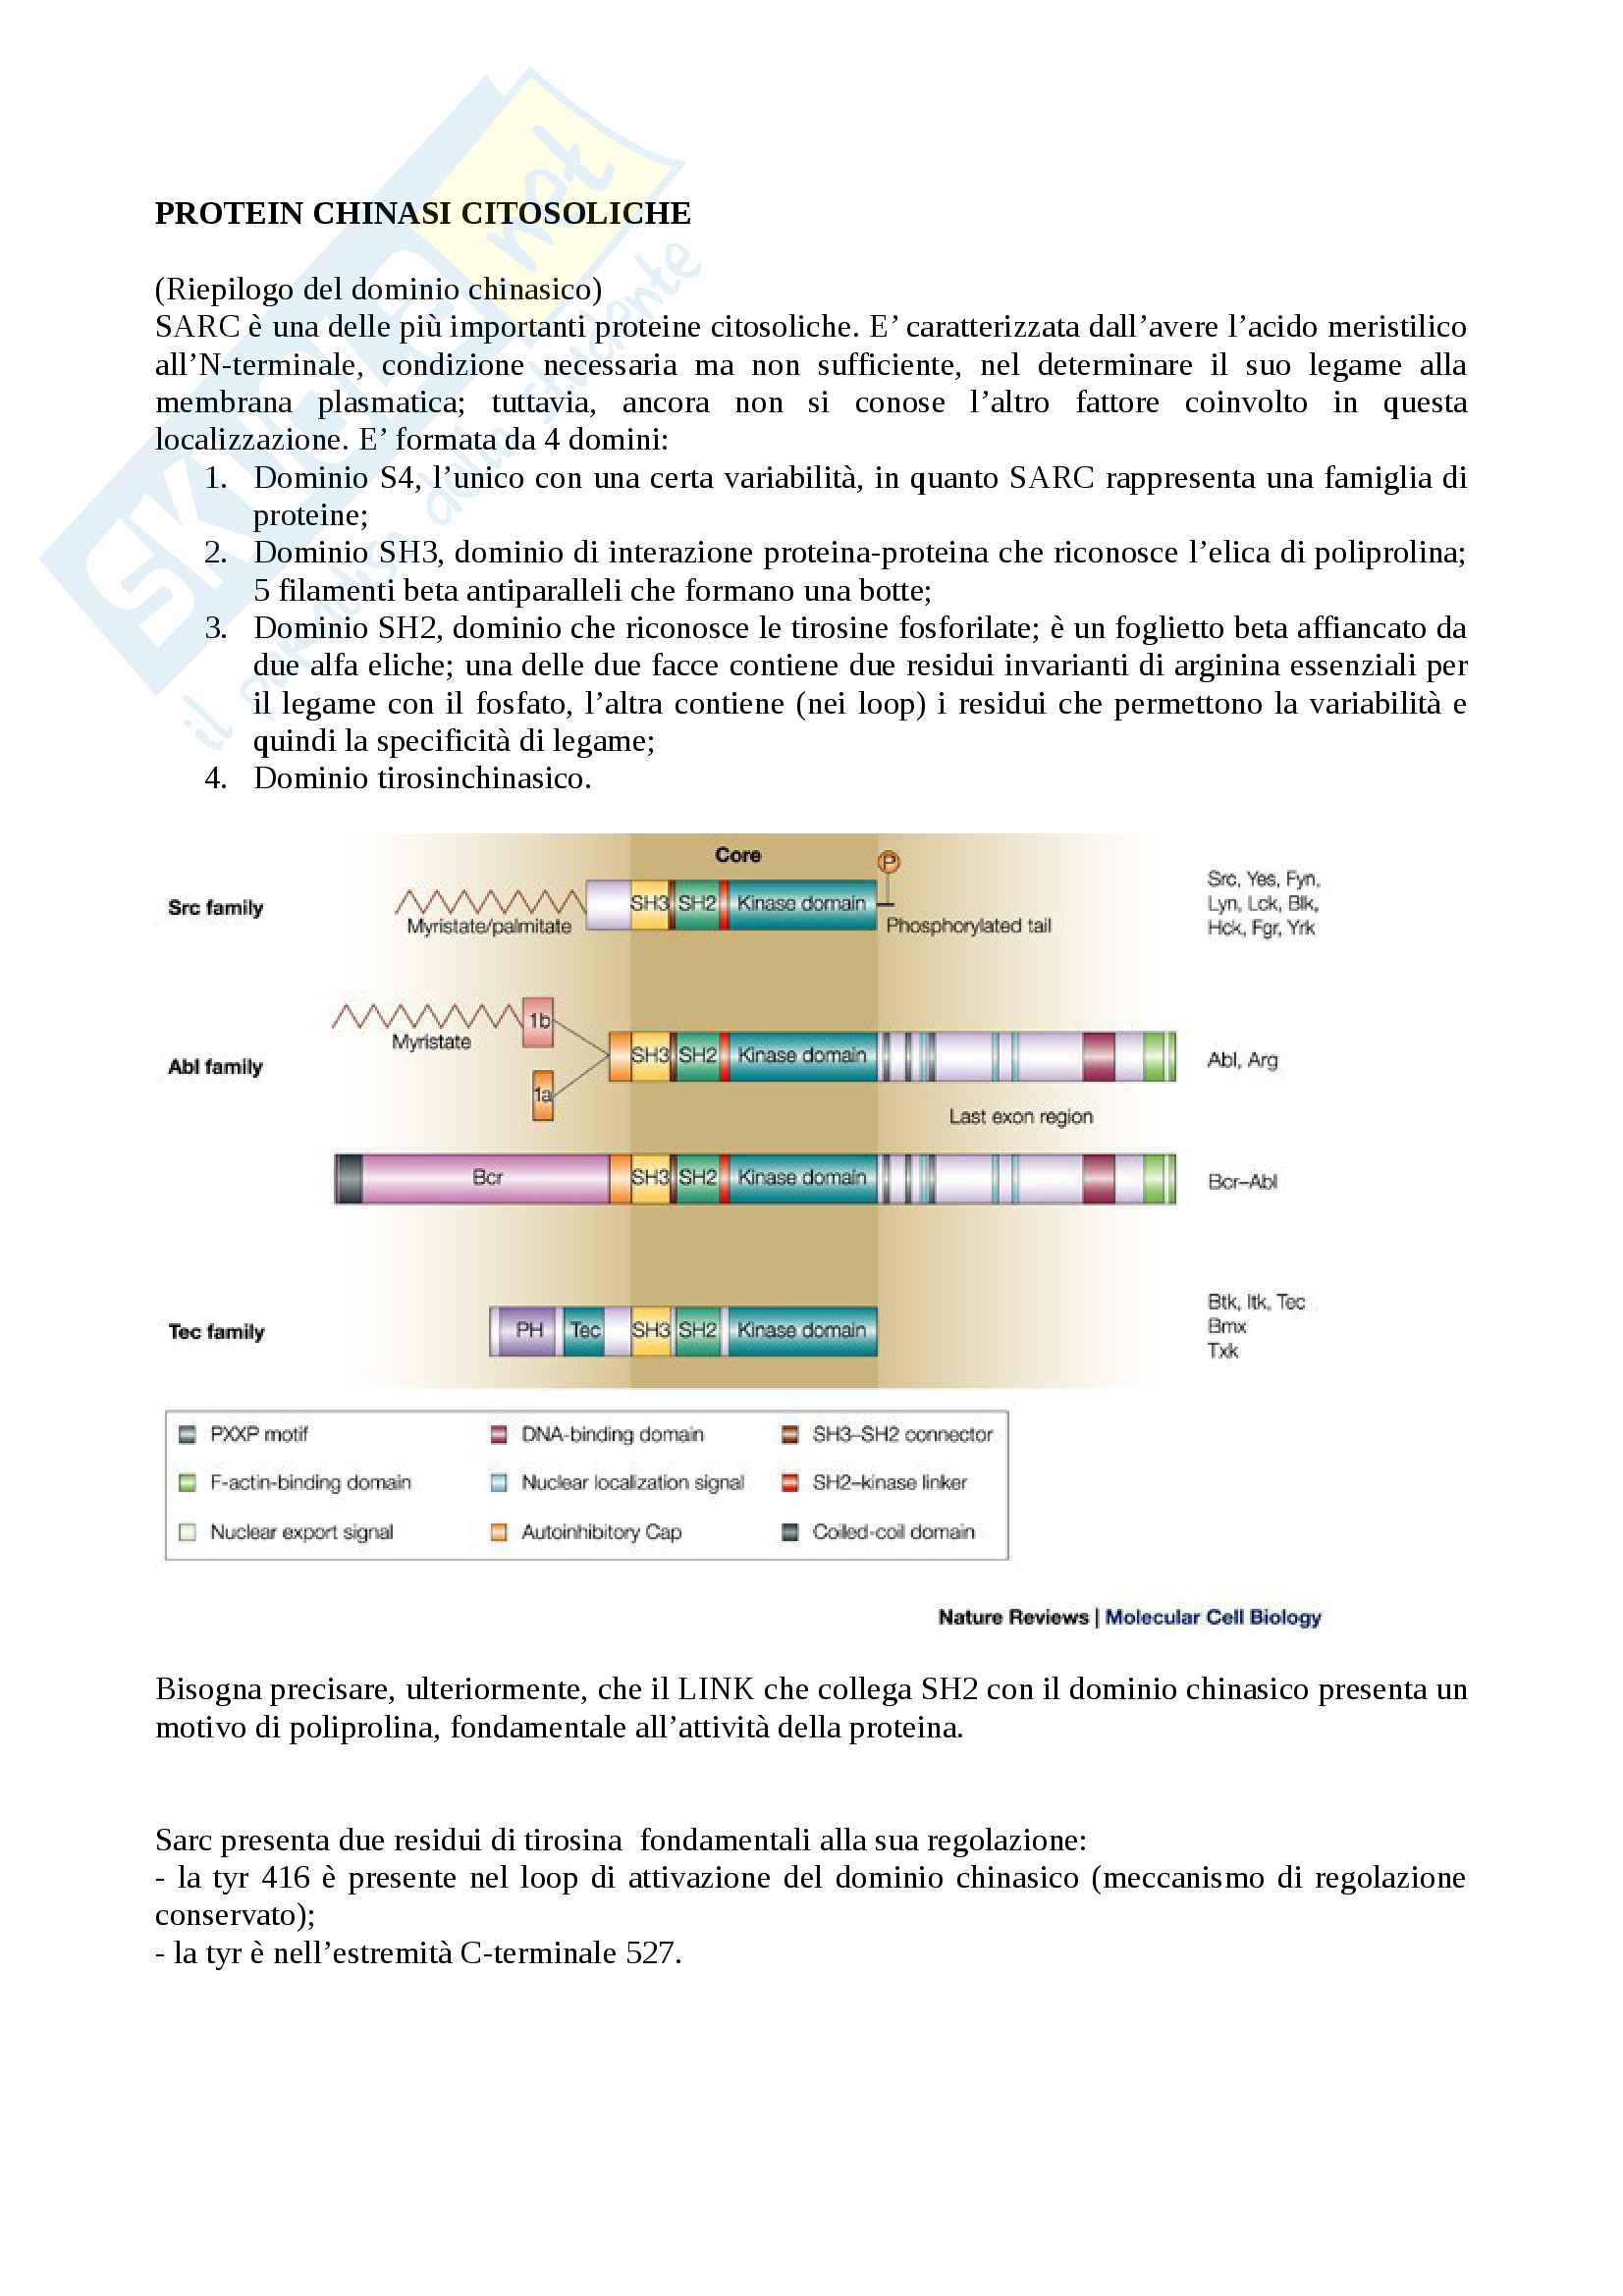 Le protein-chinasi citosoliche